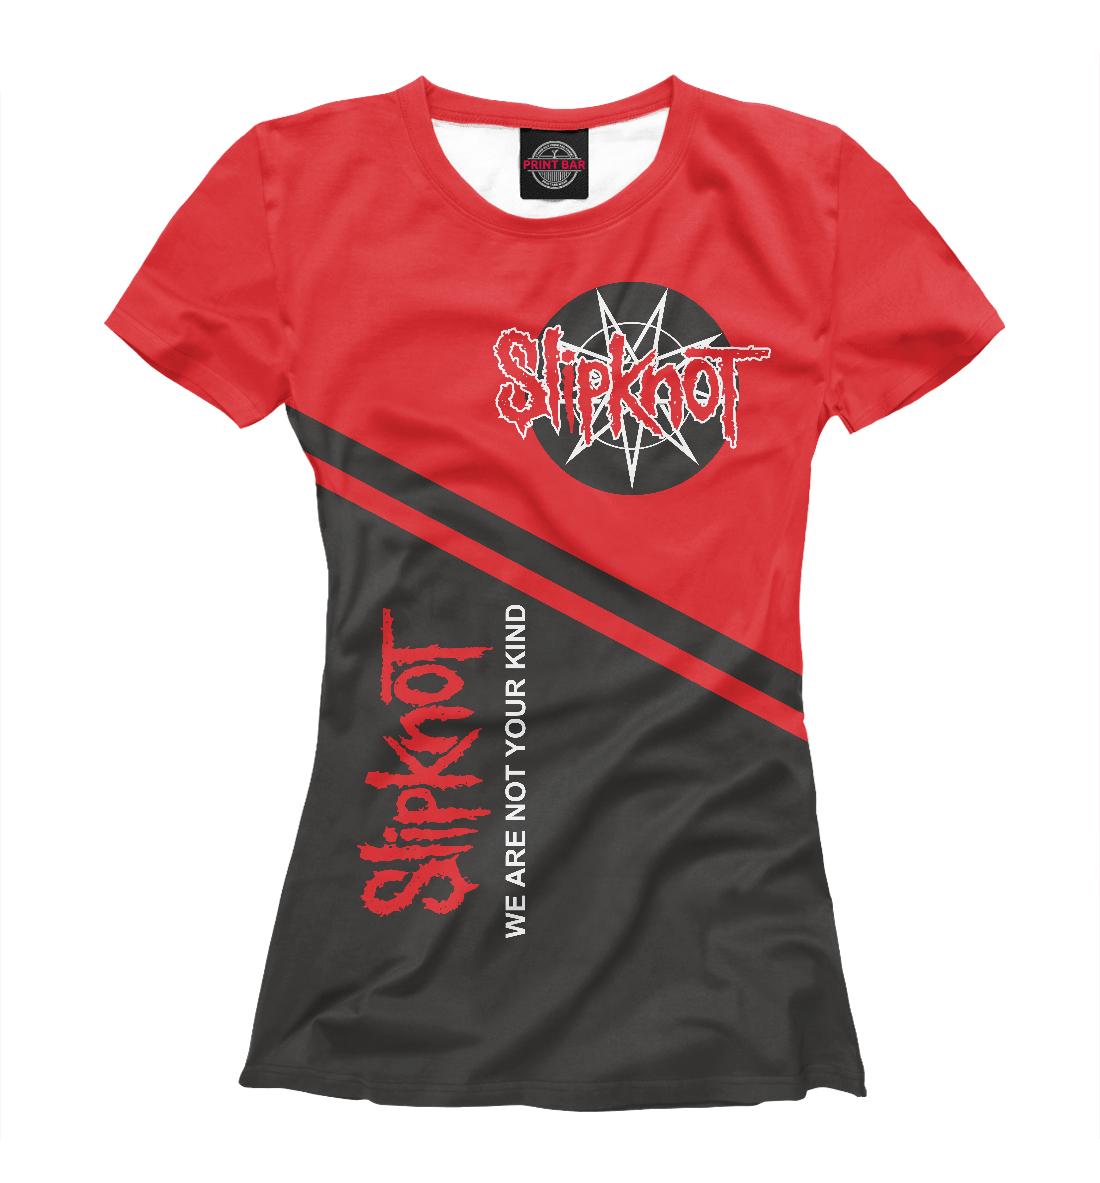 Фото - Slipknot - мы не такие, как вы гржимек б мы вовсе не такие